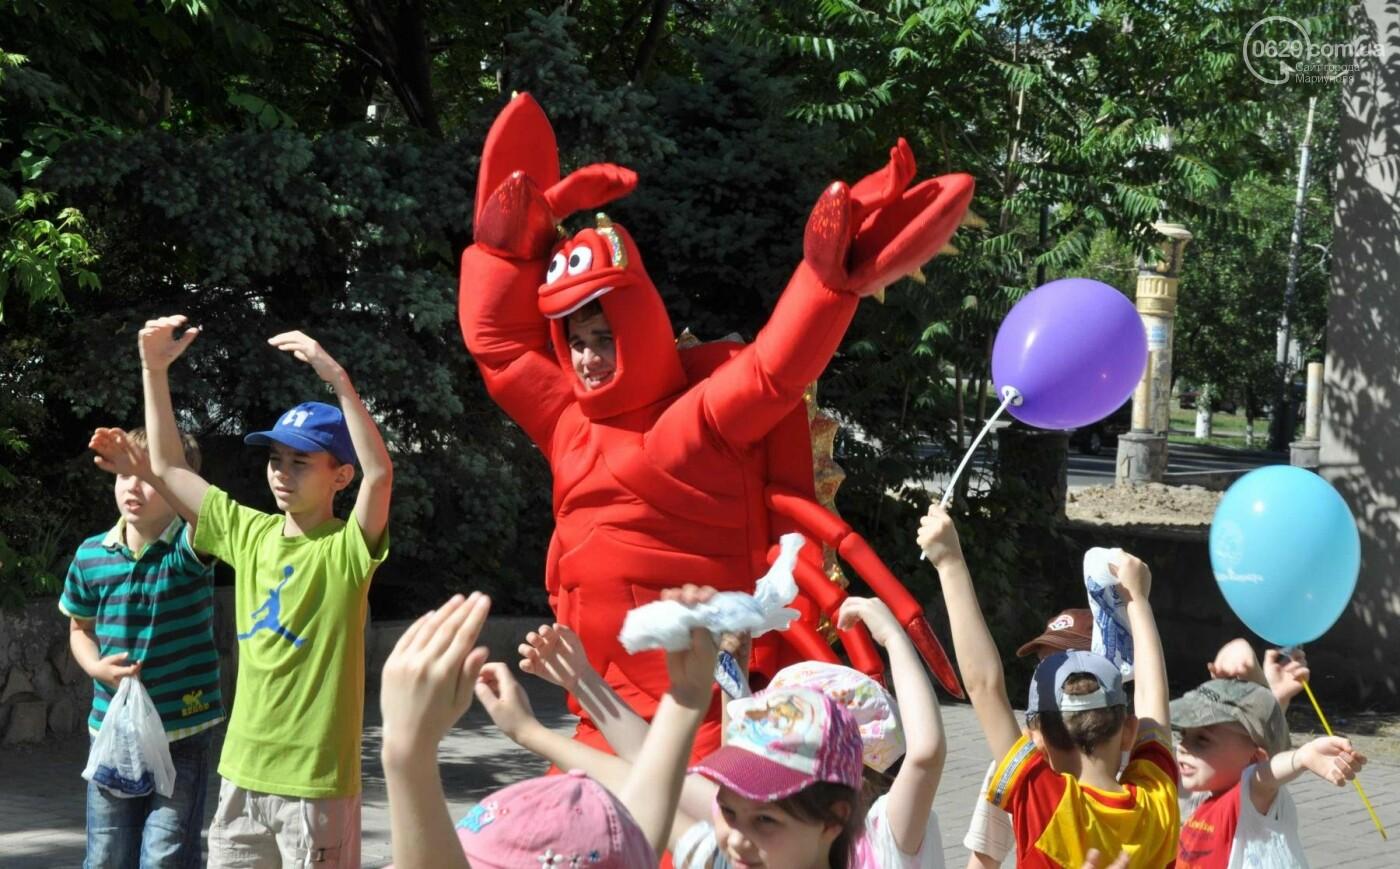 В аптеке «Азовфарм» провели праздник для детей и разыграли призы, фото-22